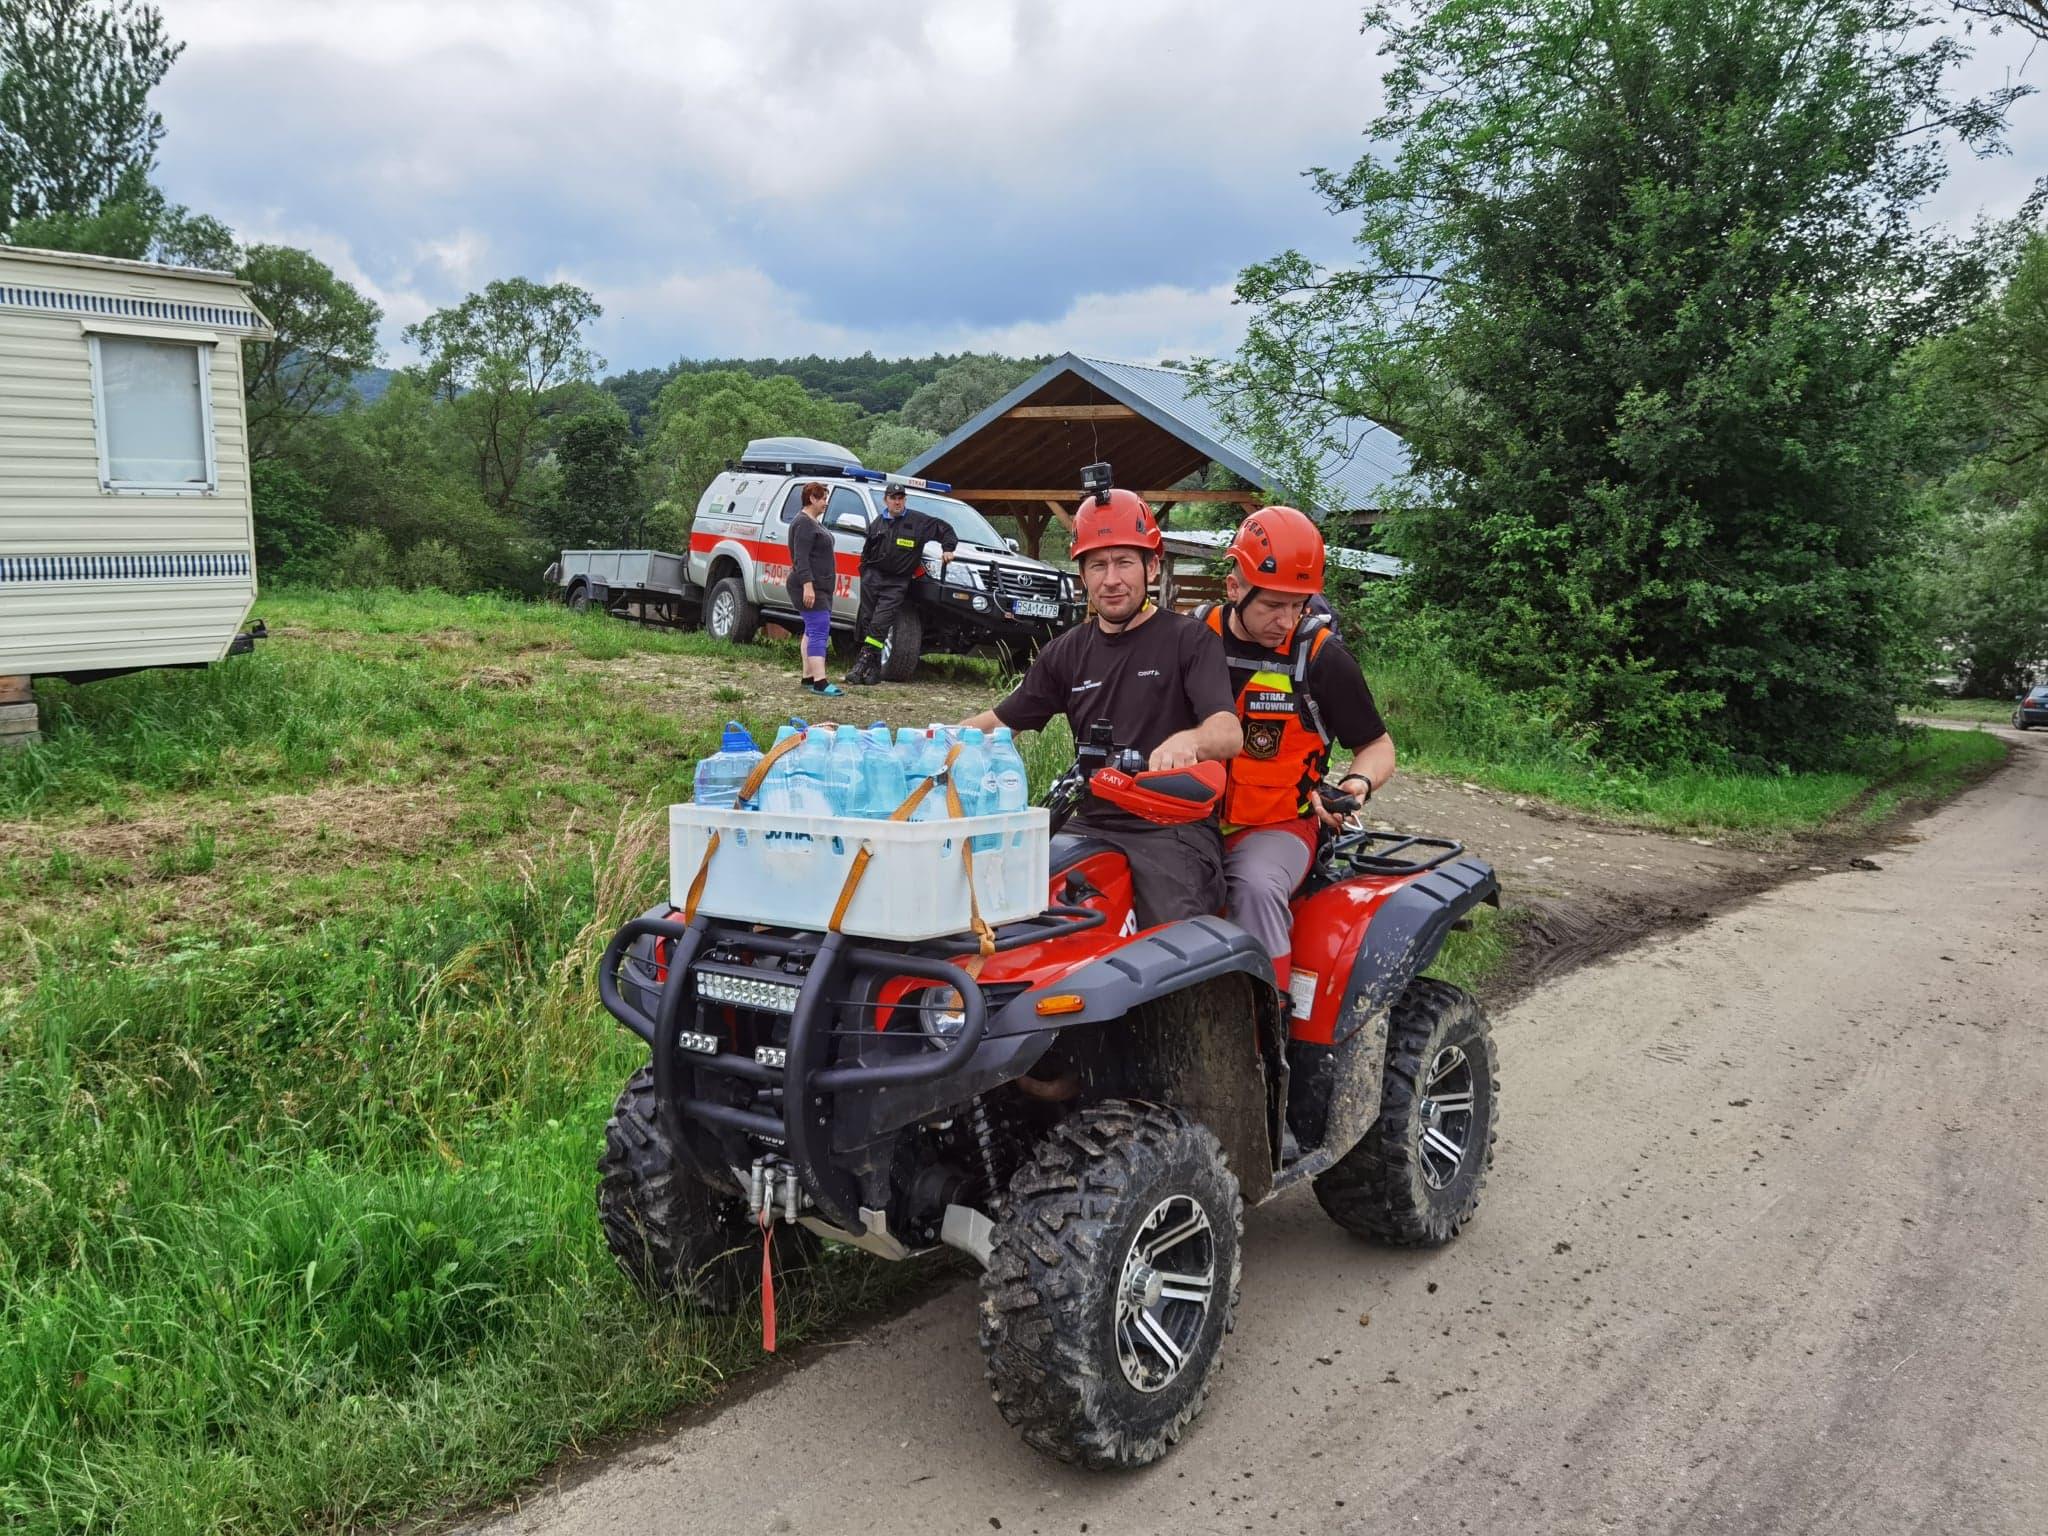 Strażacy dostarczyli żywność odciętemu od wioski mężczyźnie - Zdjęcie główne